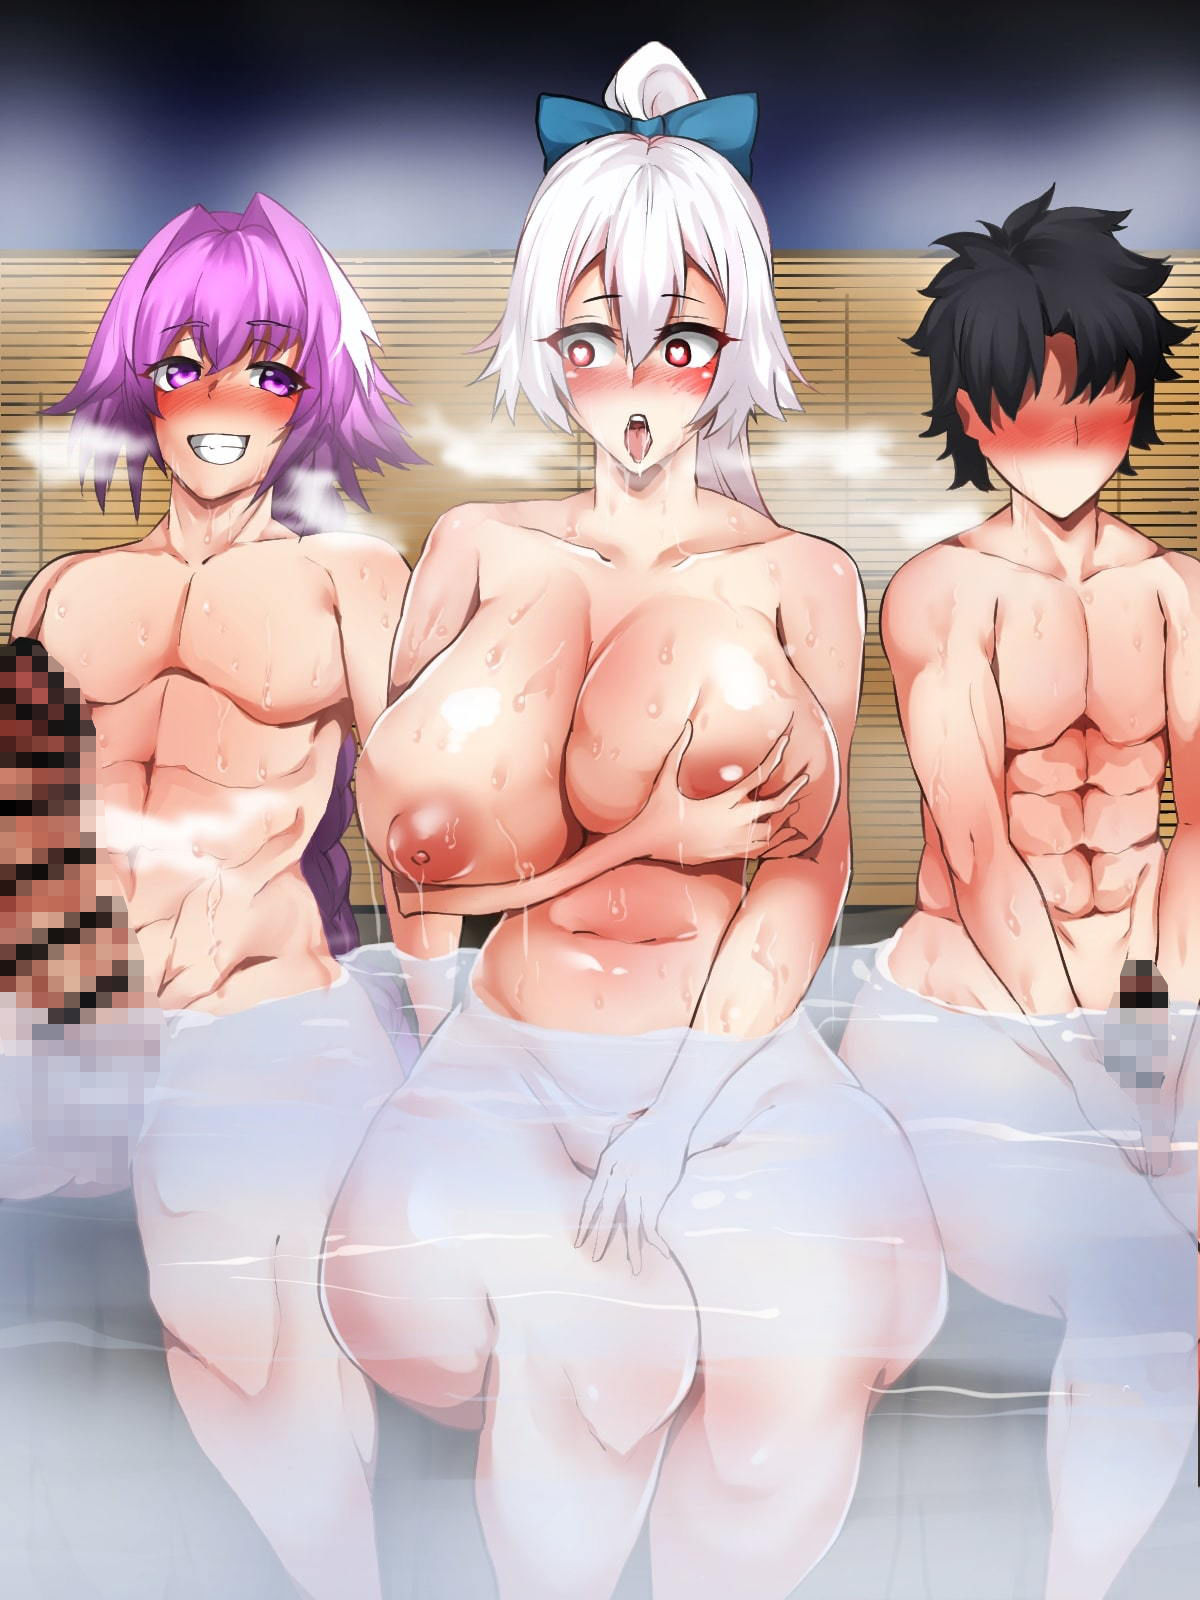 サンプル画像0:混浴温泉に入った巴さんは愛しのマスターよりもアストルフォのデカチンに夢中☆(ジョニー三号) [d_199628]